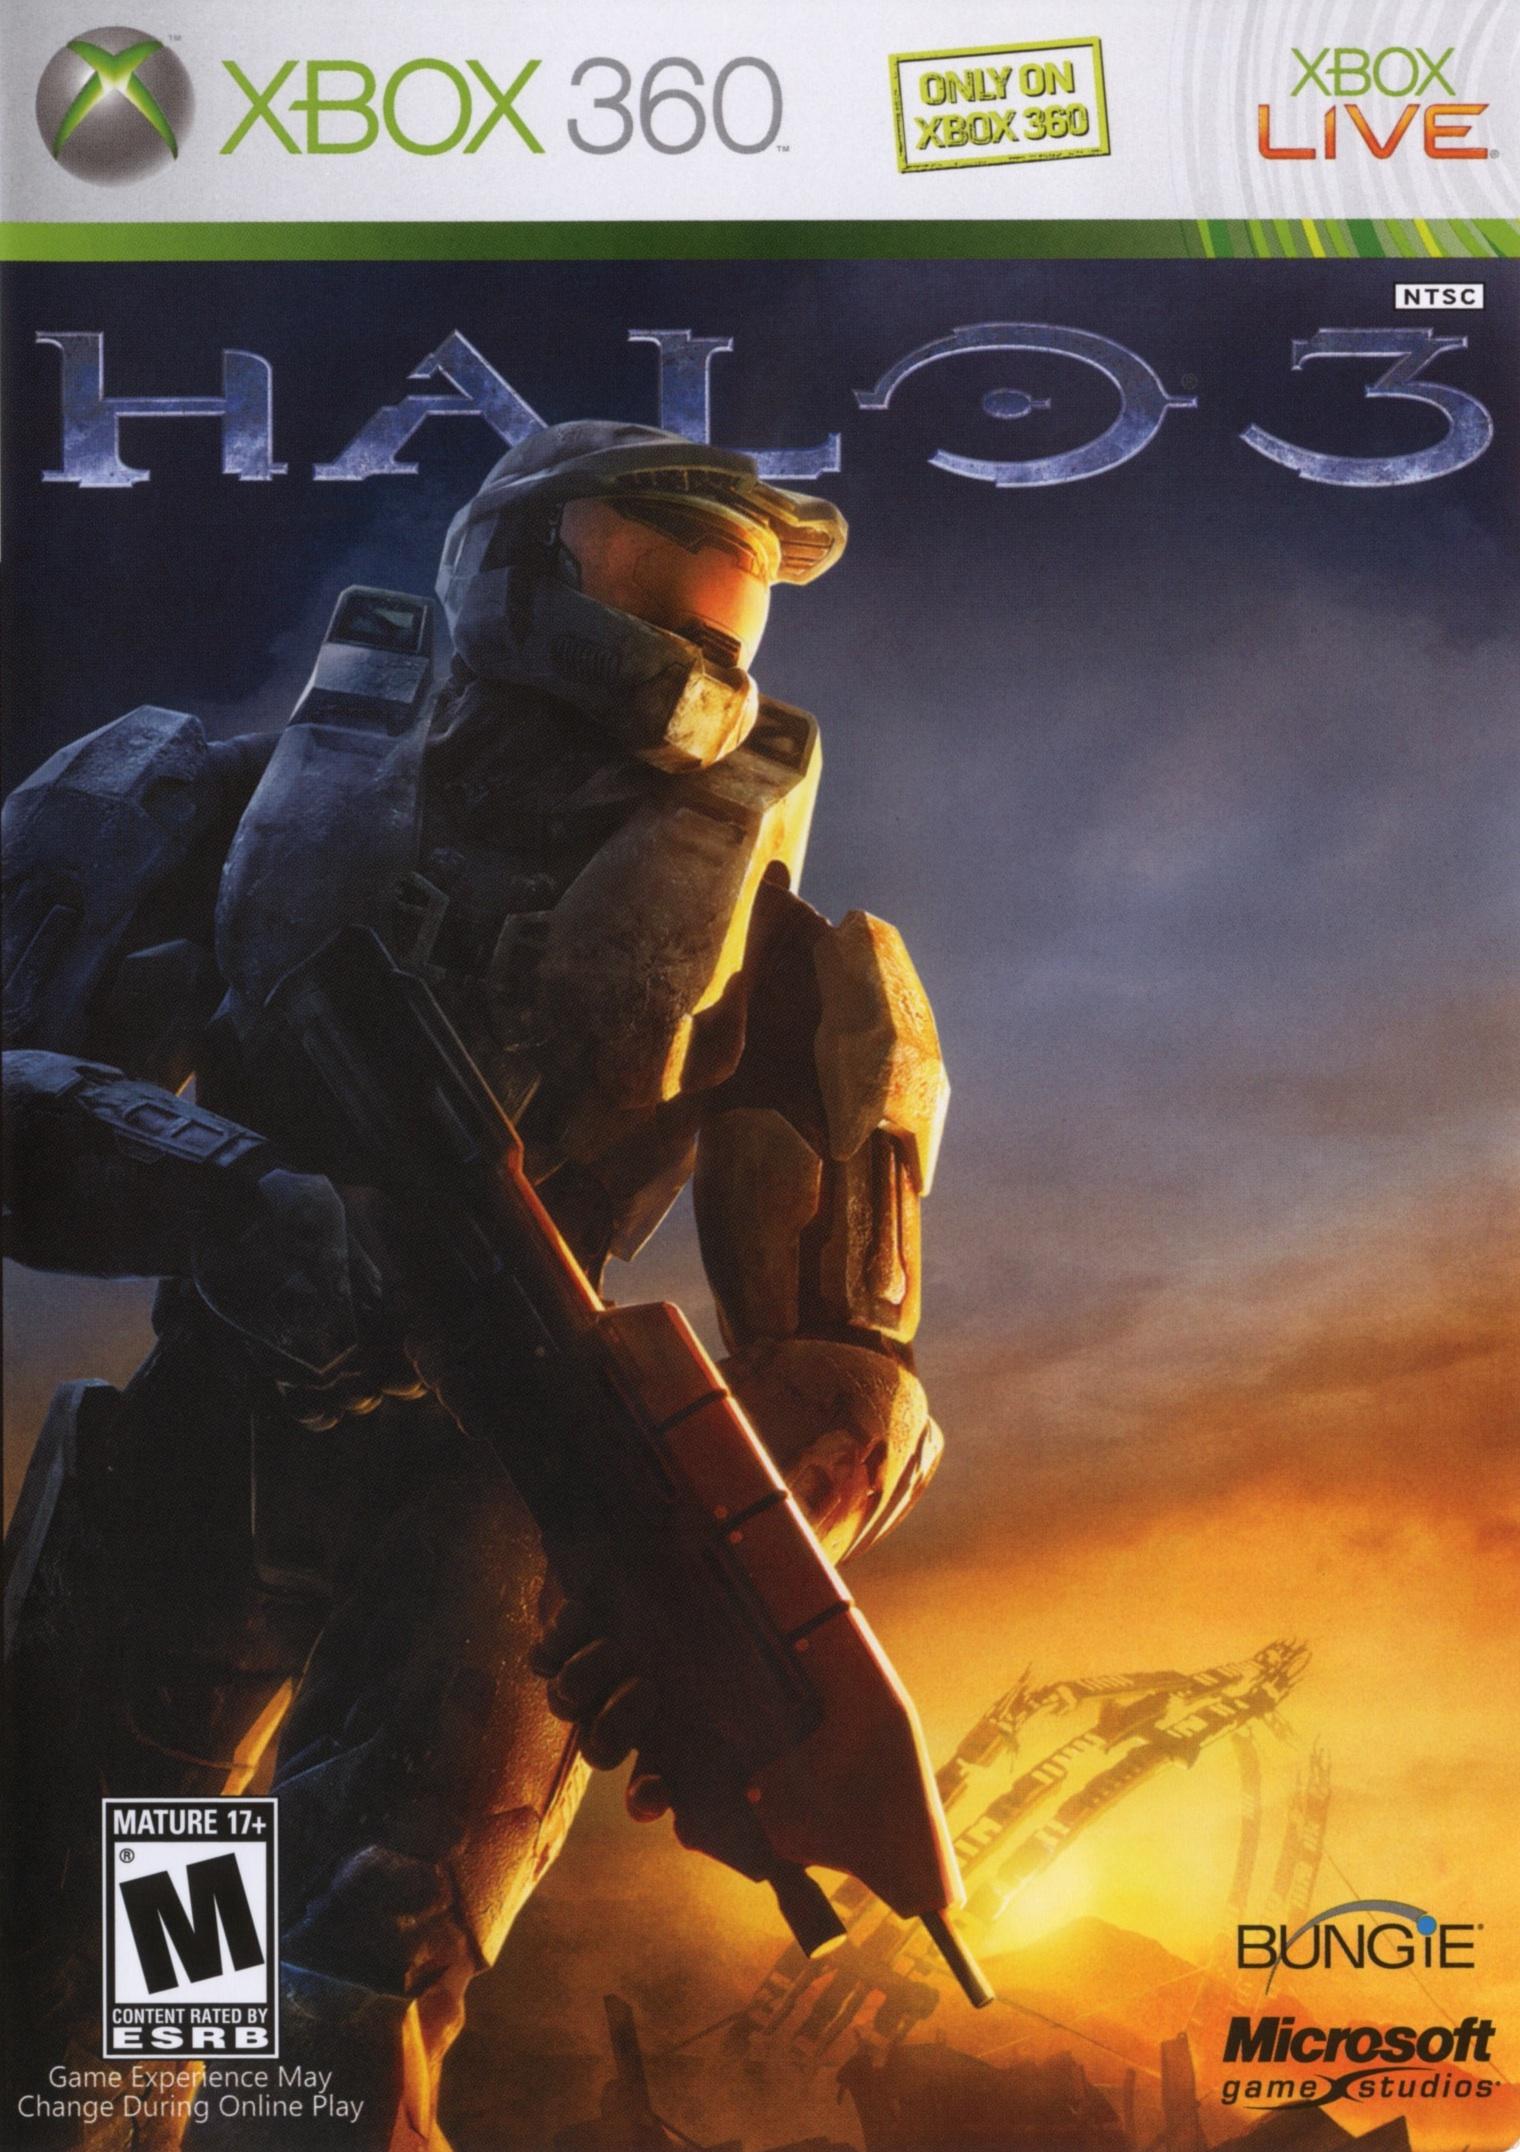 Halo 3 boxart